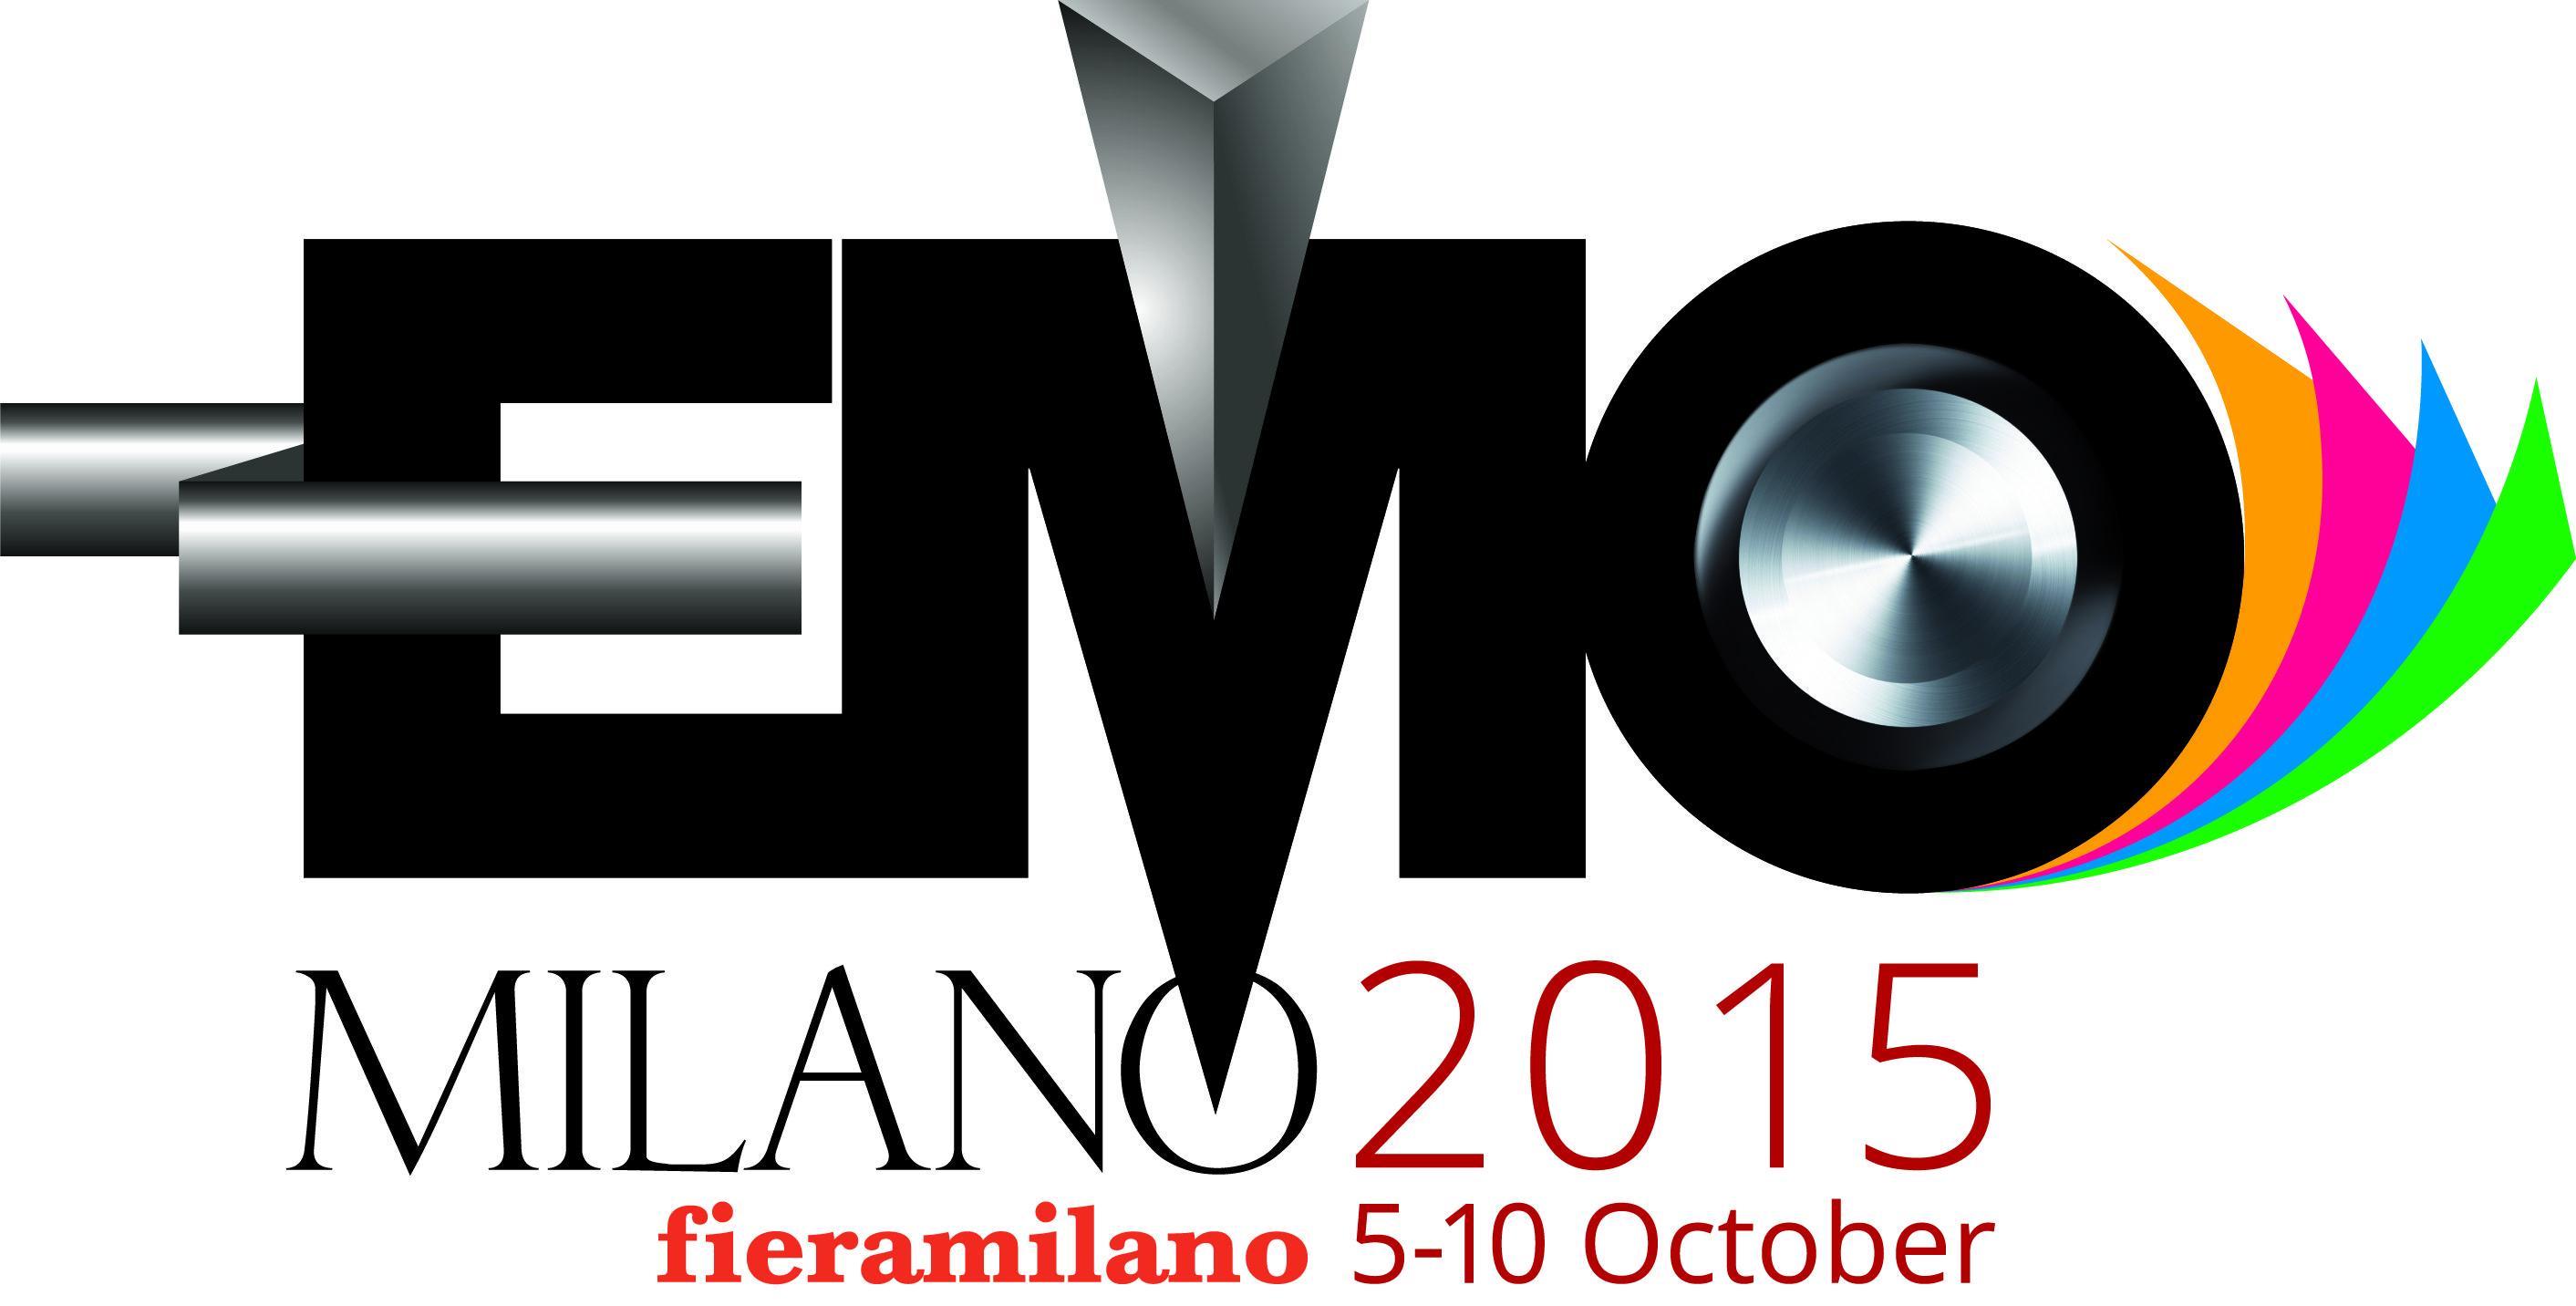 Los últimos desarrollos DANOBAT y SORALUCE serán expuestos en la EMO 2015